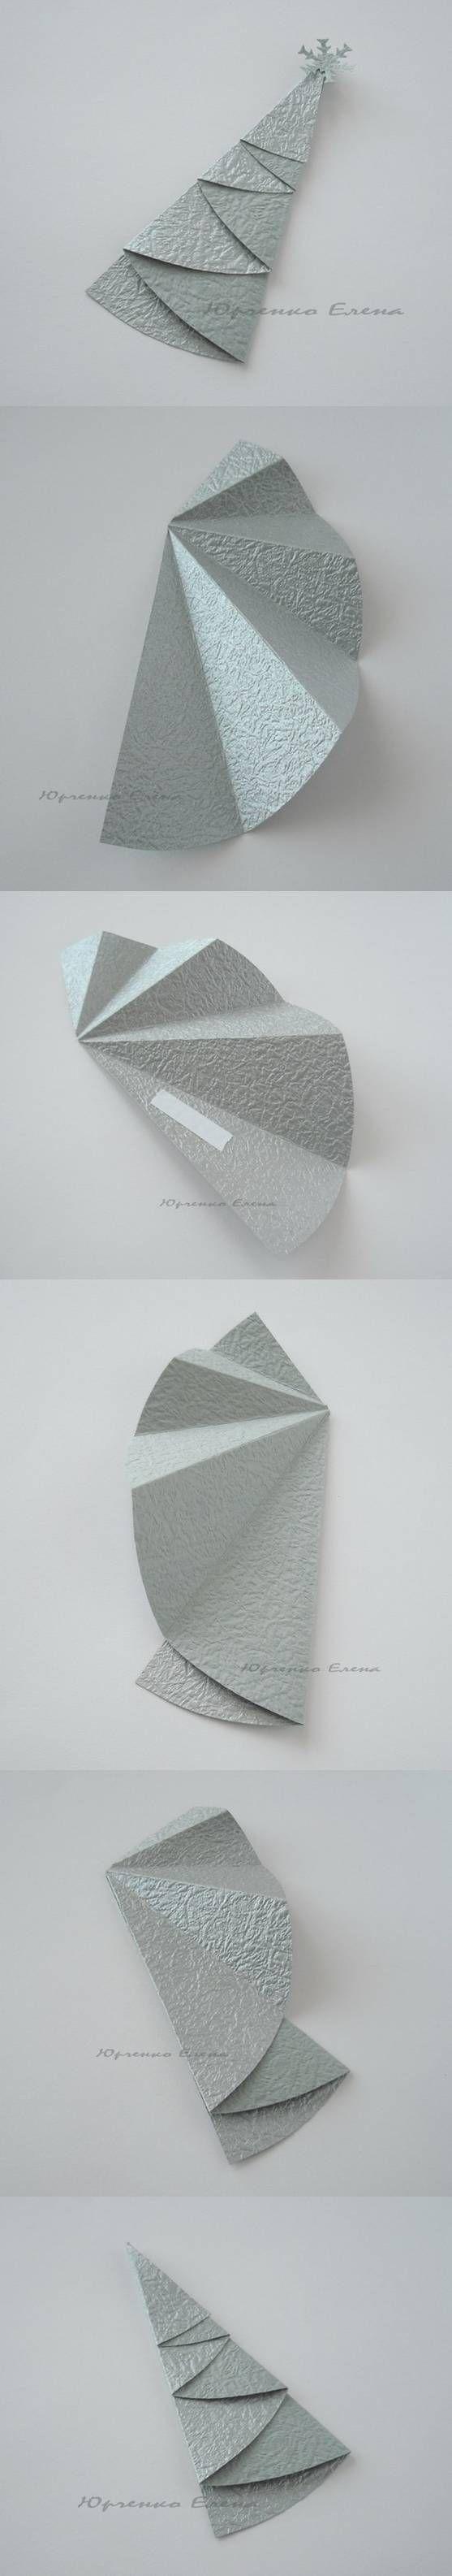 vanocni dekorace z papiru